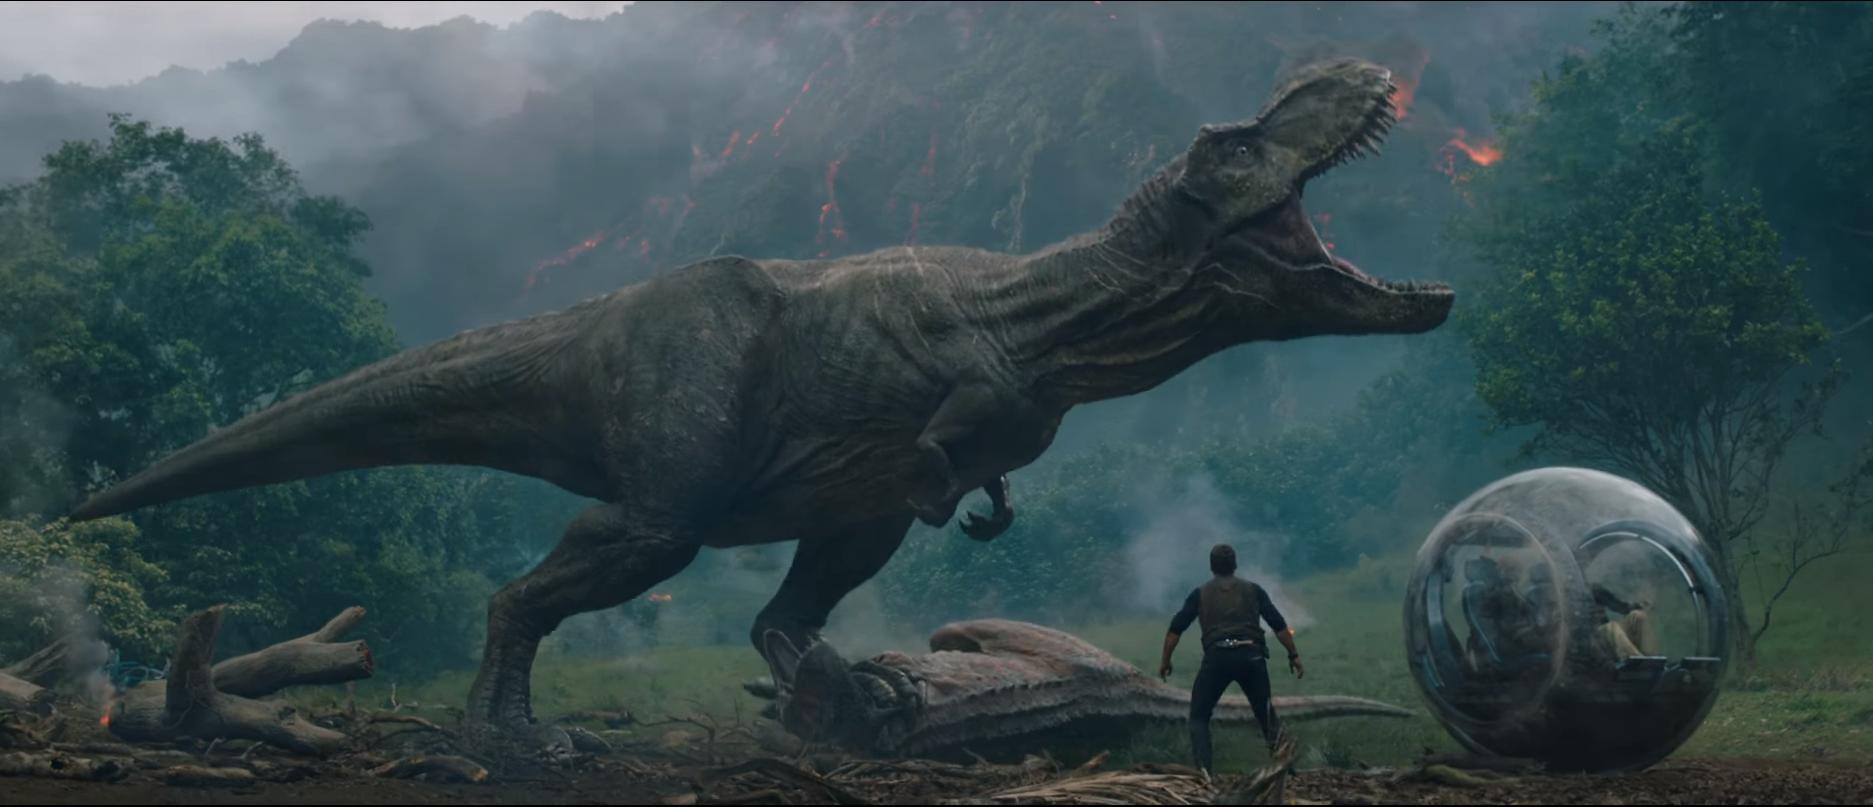 T Rex Jurassic World 2 - HD Wallpaper